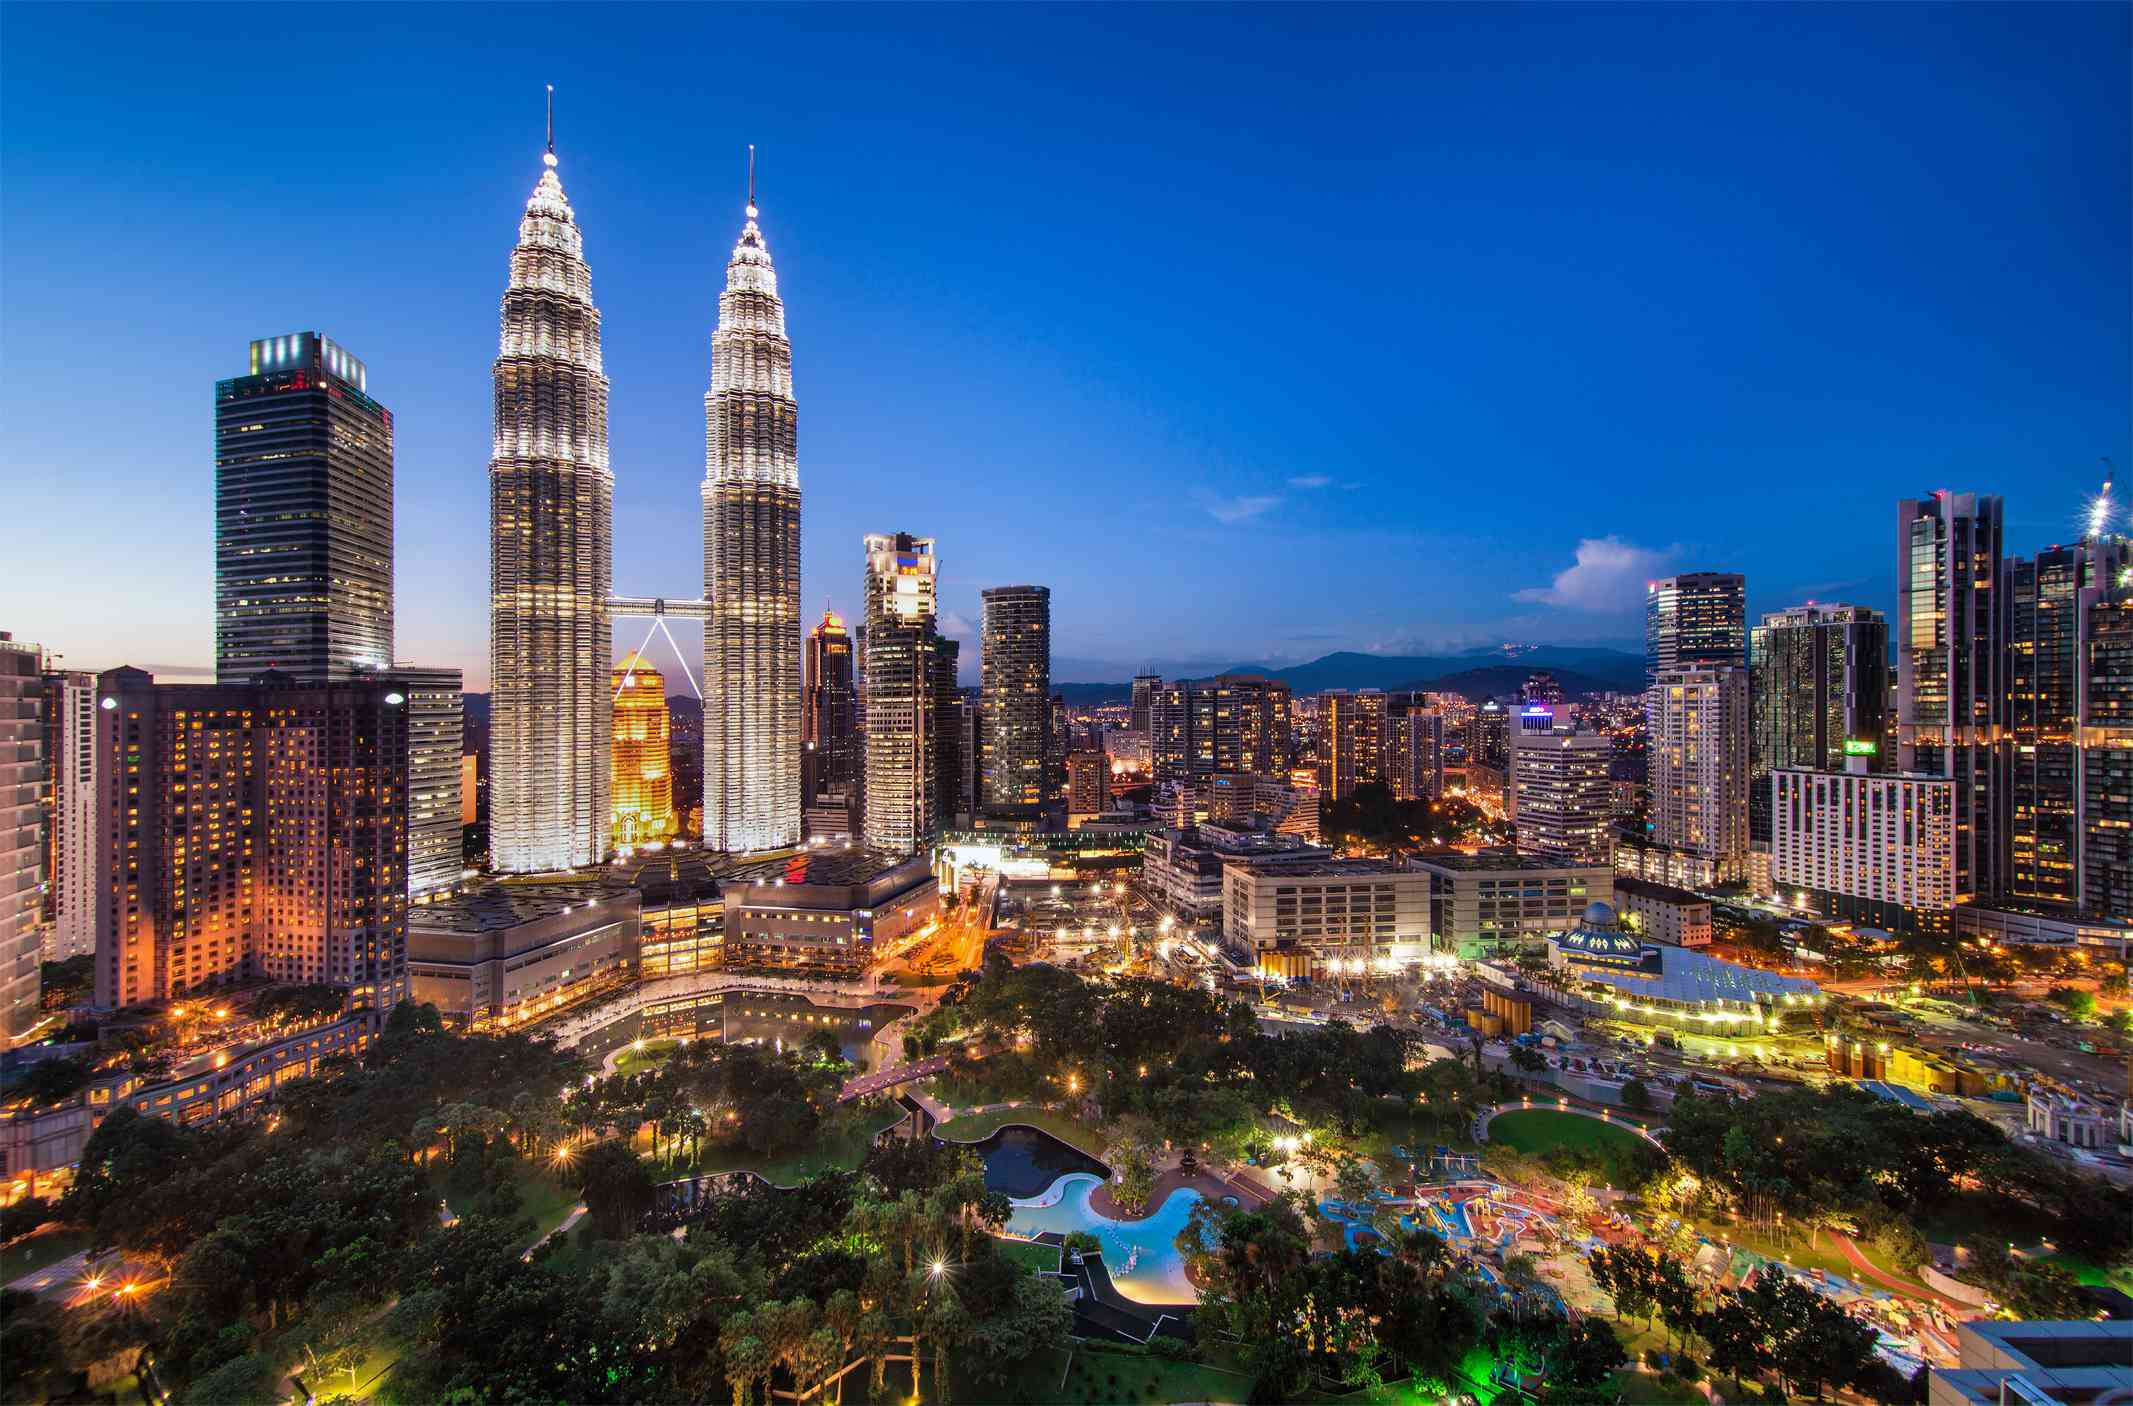 Cityscape of Twin tower or Petronas towers in Kuala Lumpur, Malaysia.